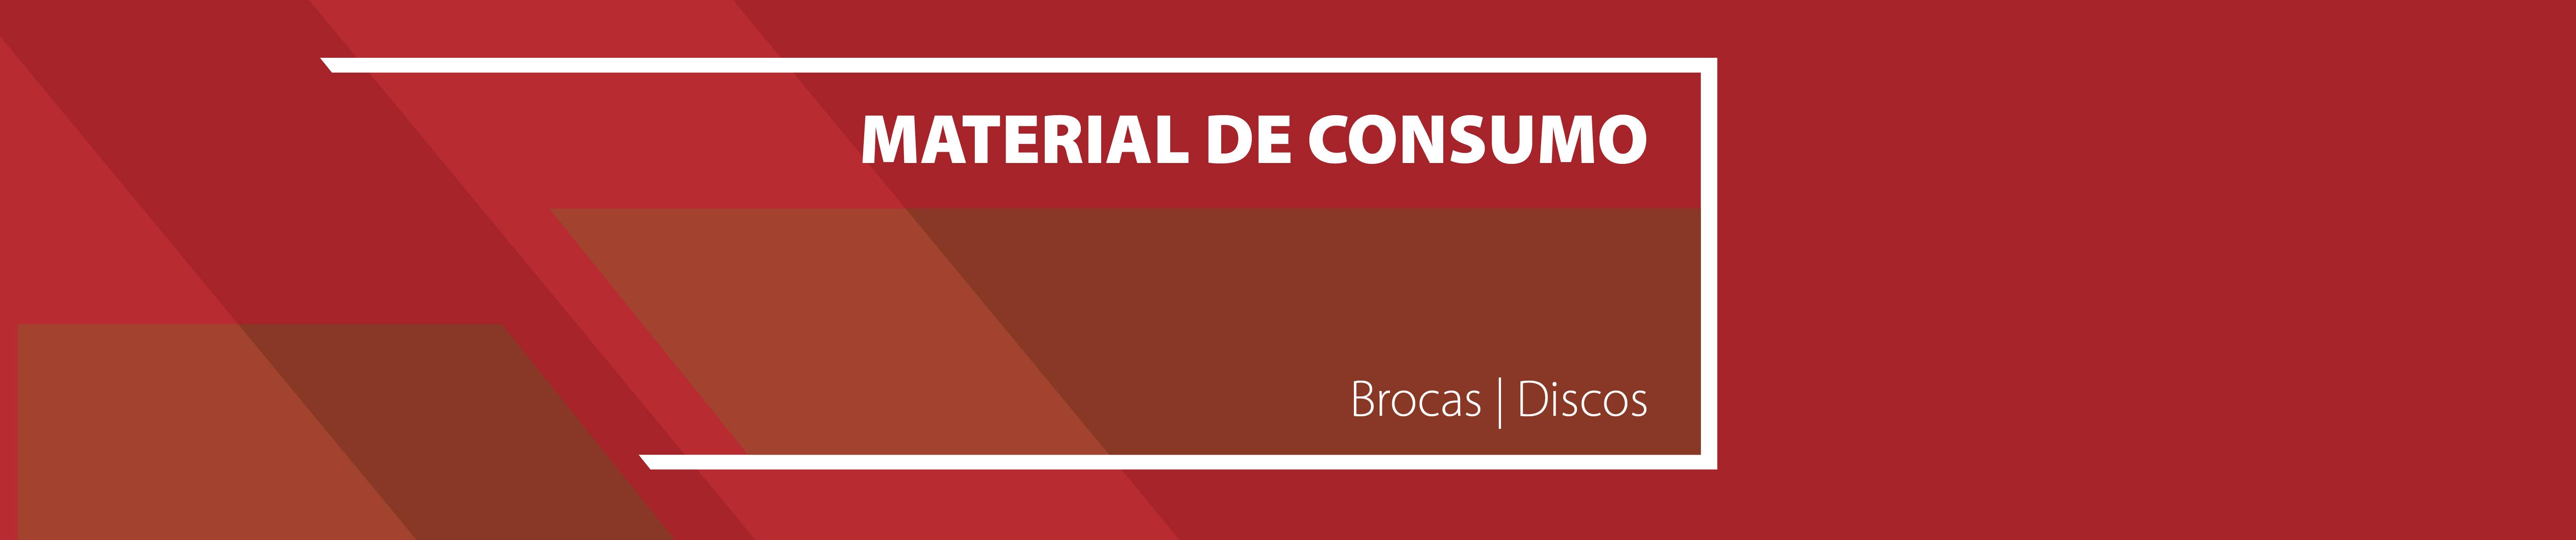 Brocas | Discos